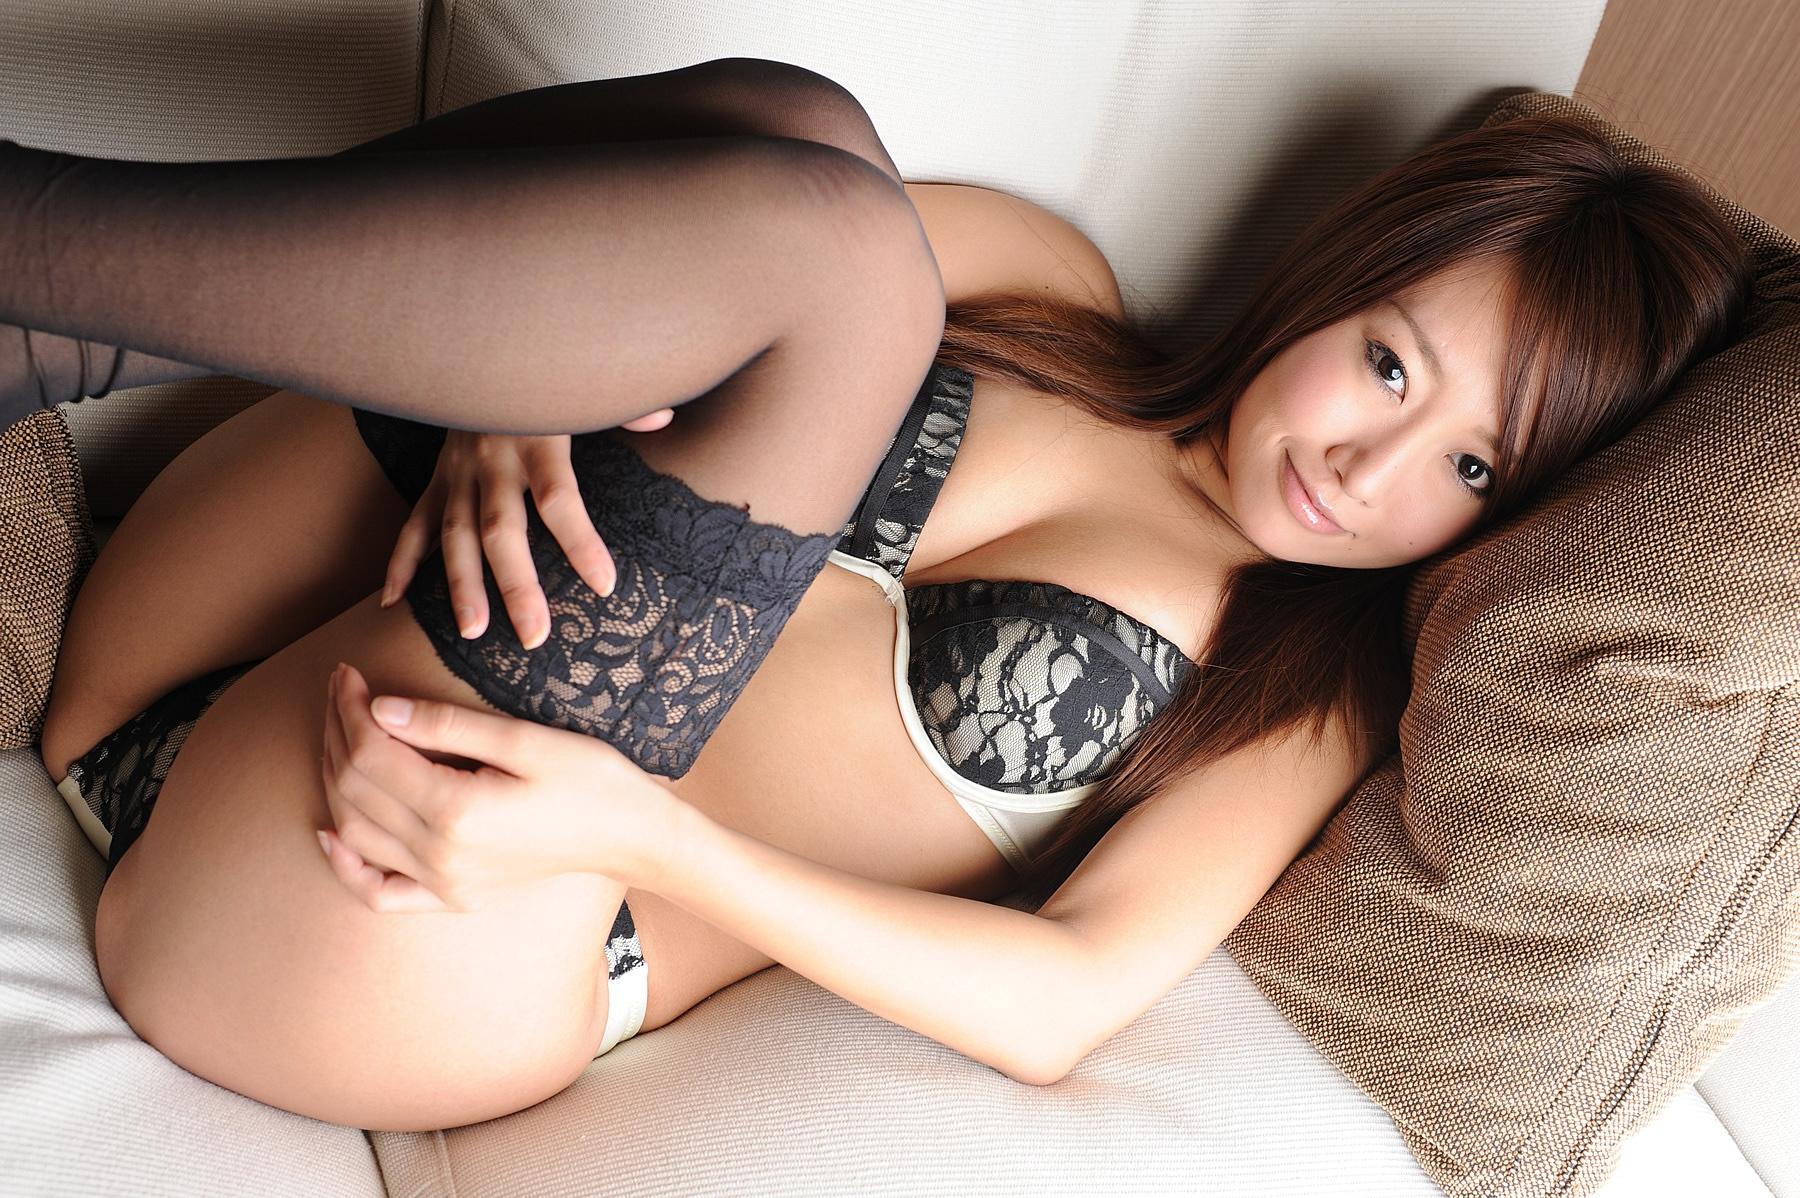 русское порно фото японок в сексуальном белье сидел